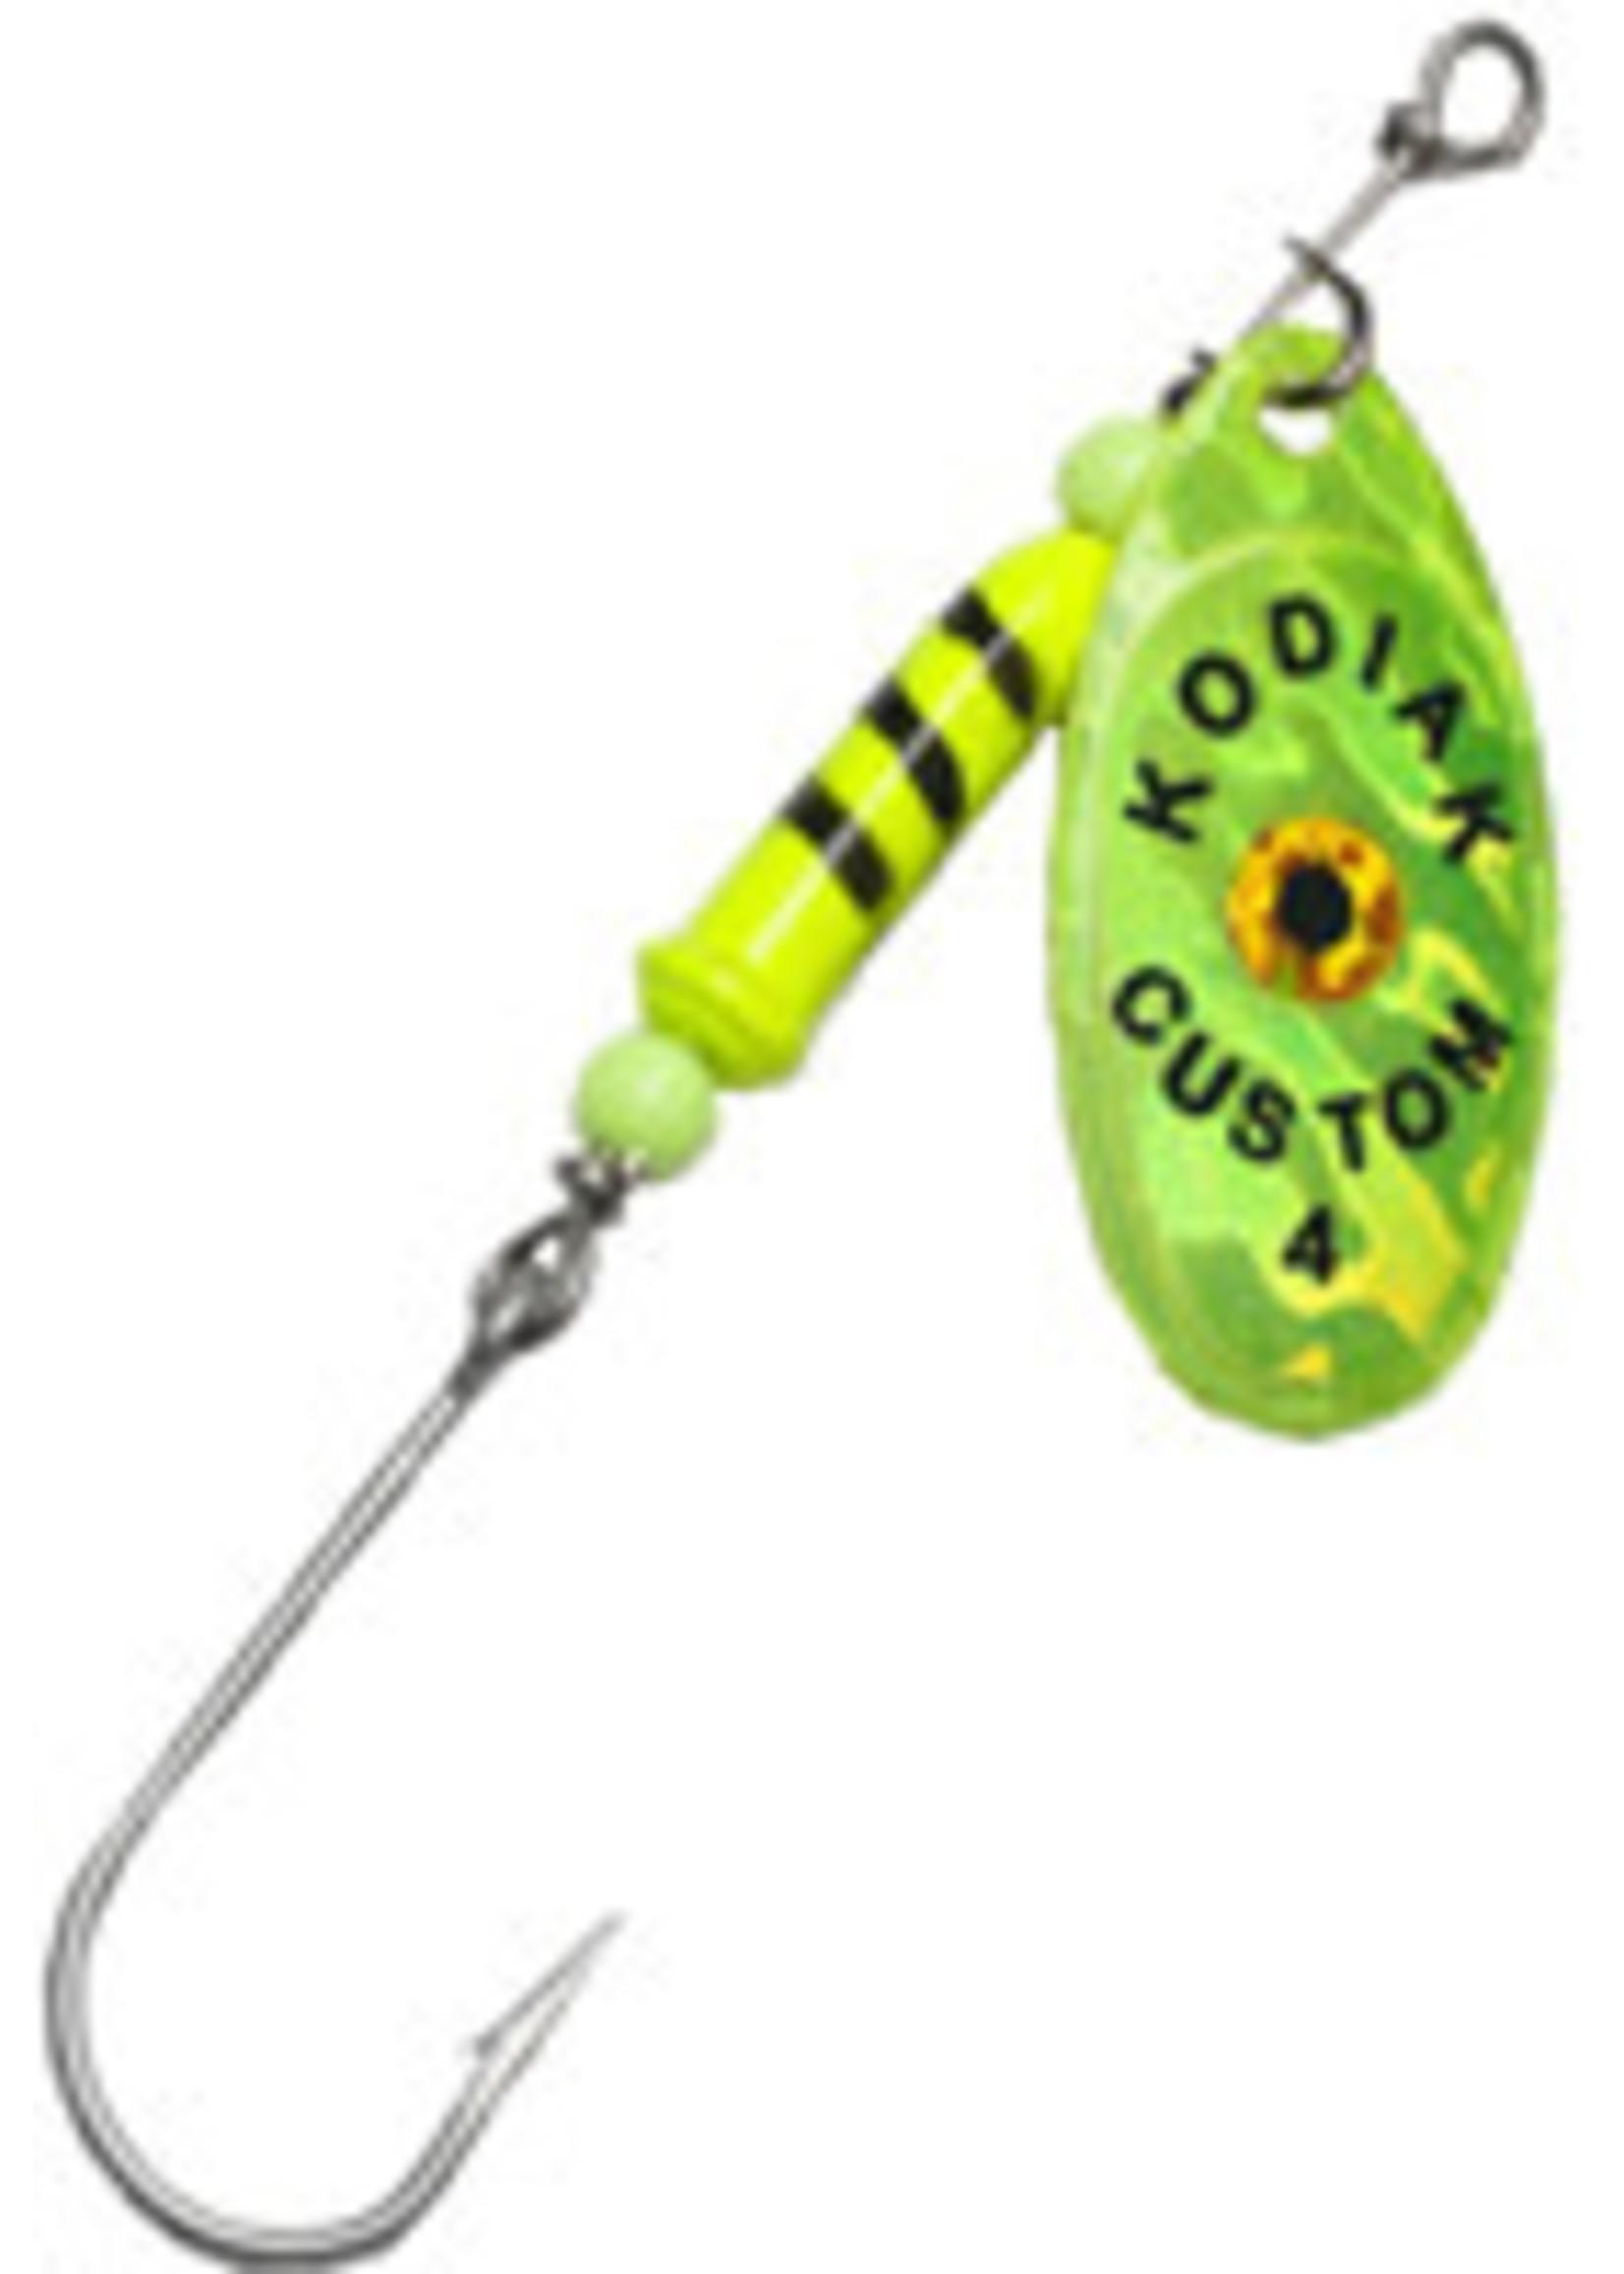 KODIAK CUSTOM FISHING Kodiak  G.I. Spinner